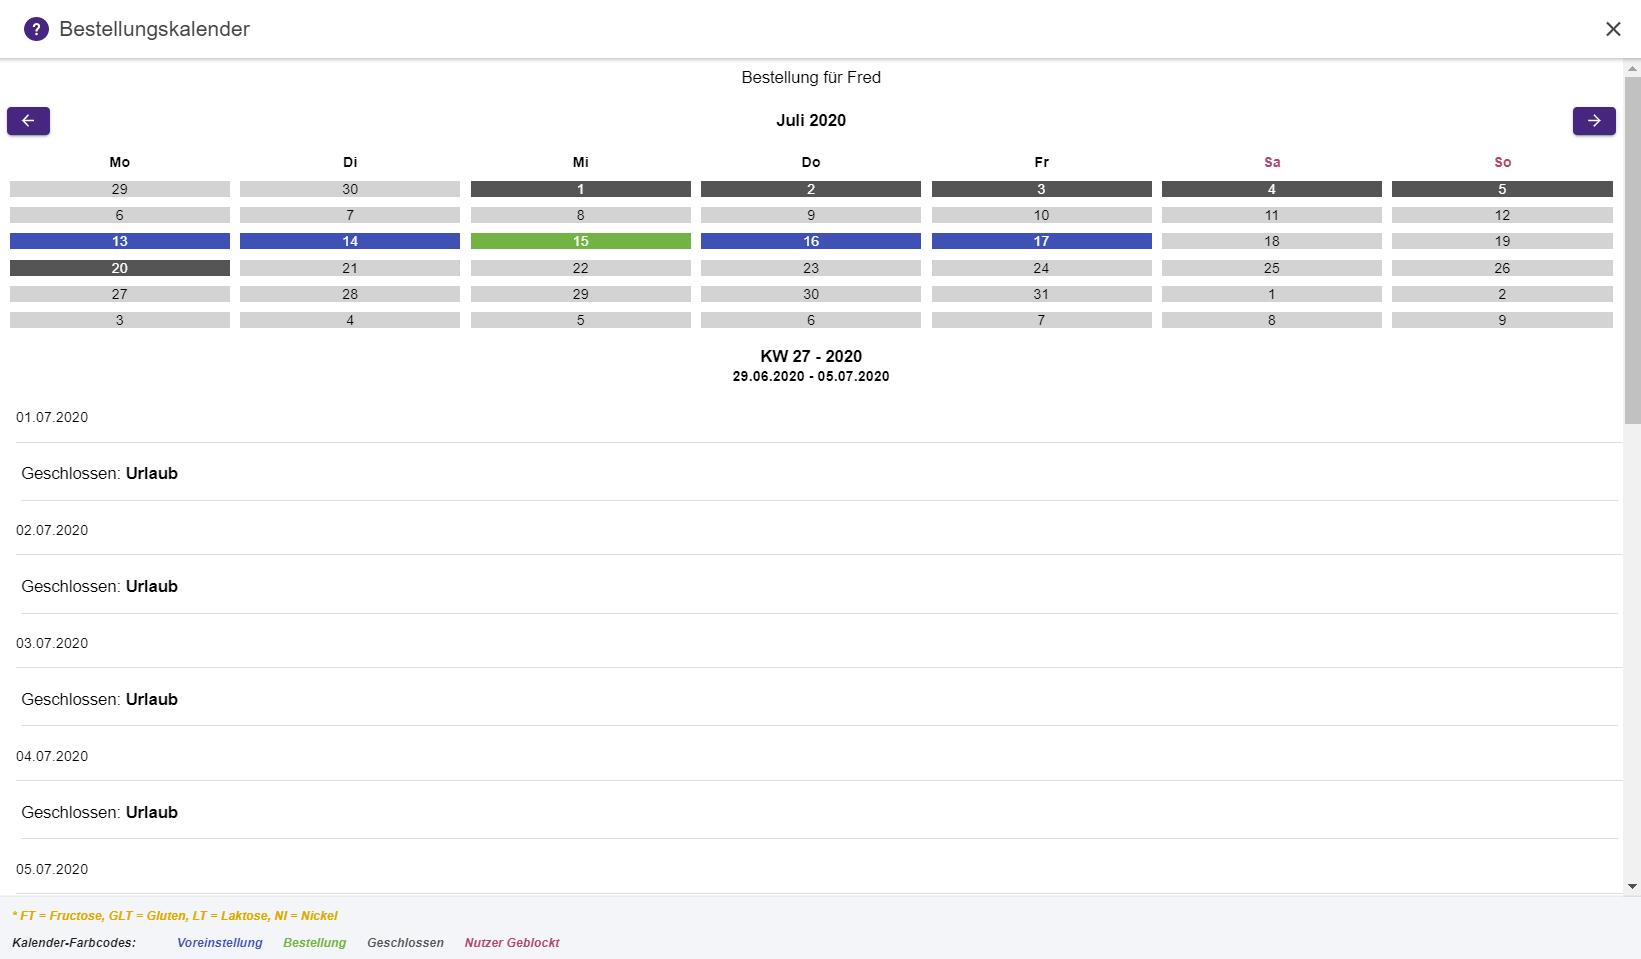 bestellungskalender2